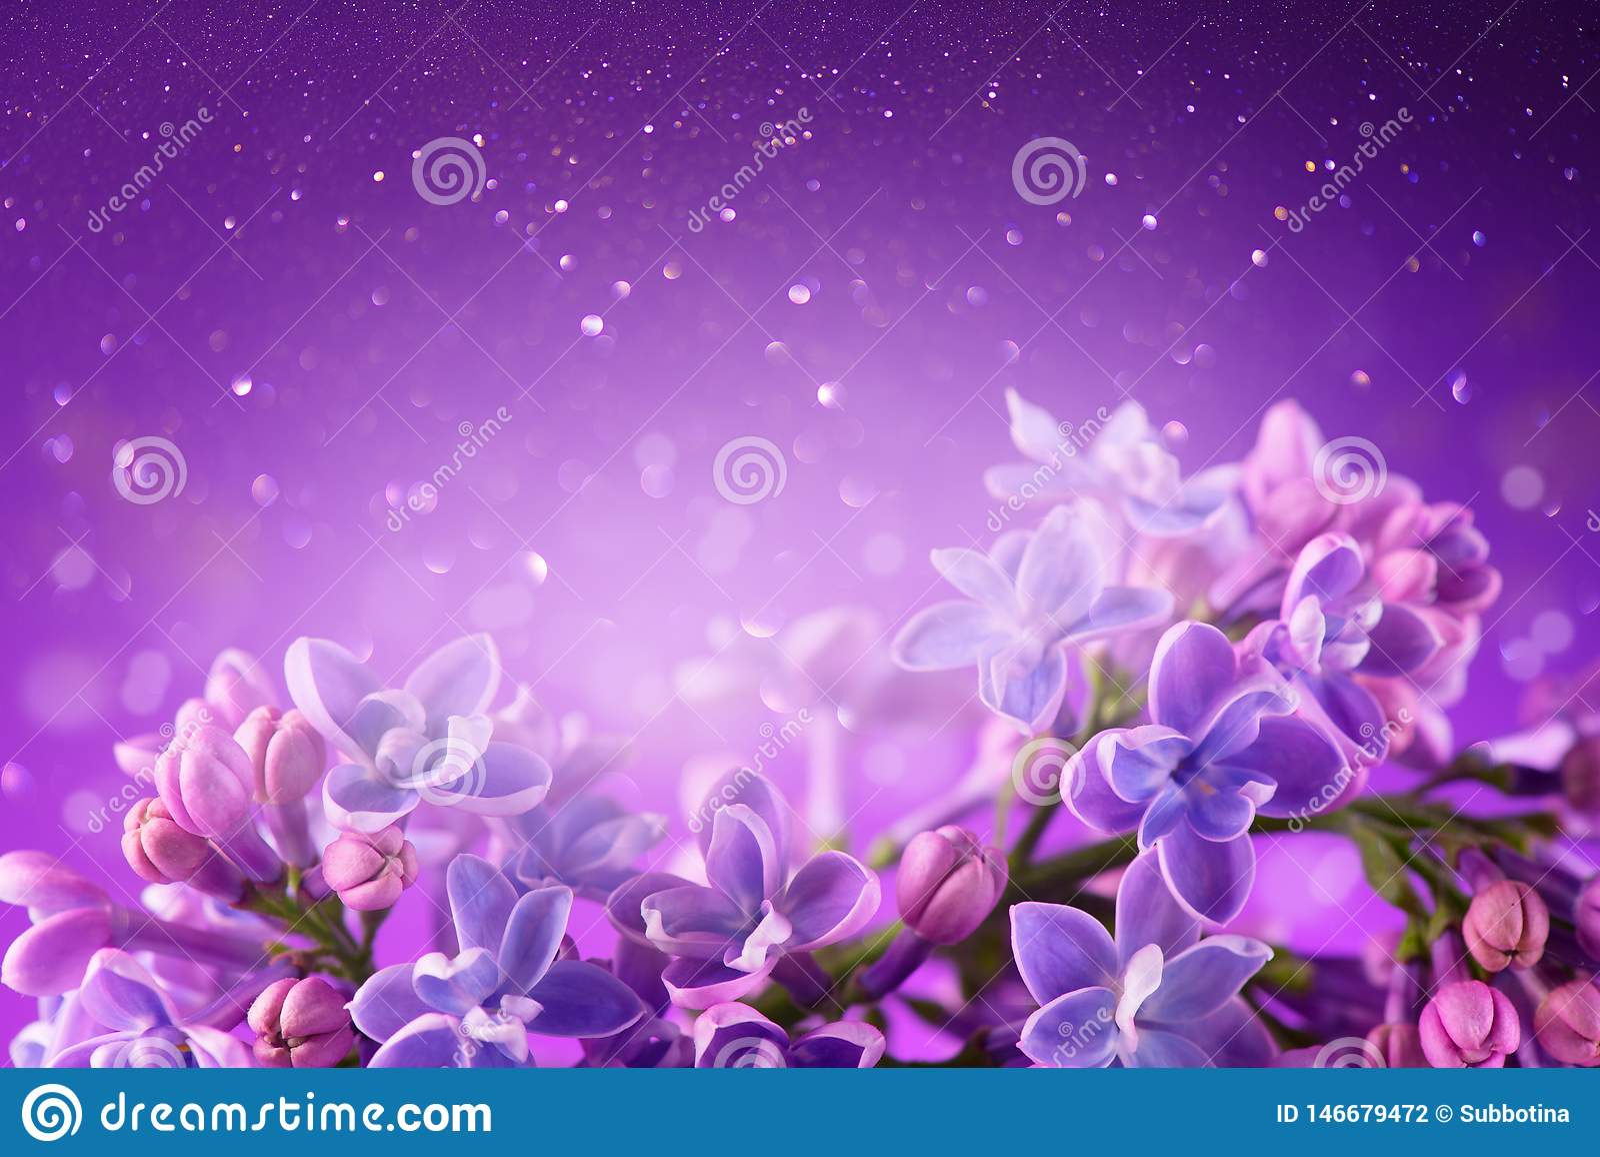 Fond violet de conception d art de groupe de fleurs de lilas Beau plan rapproché lilas violet de fleurs